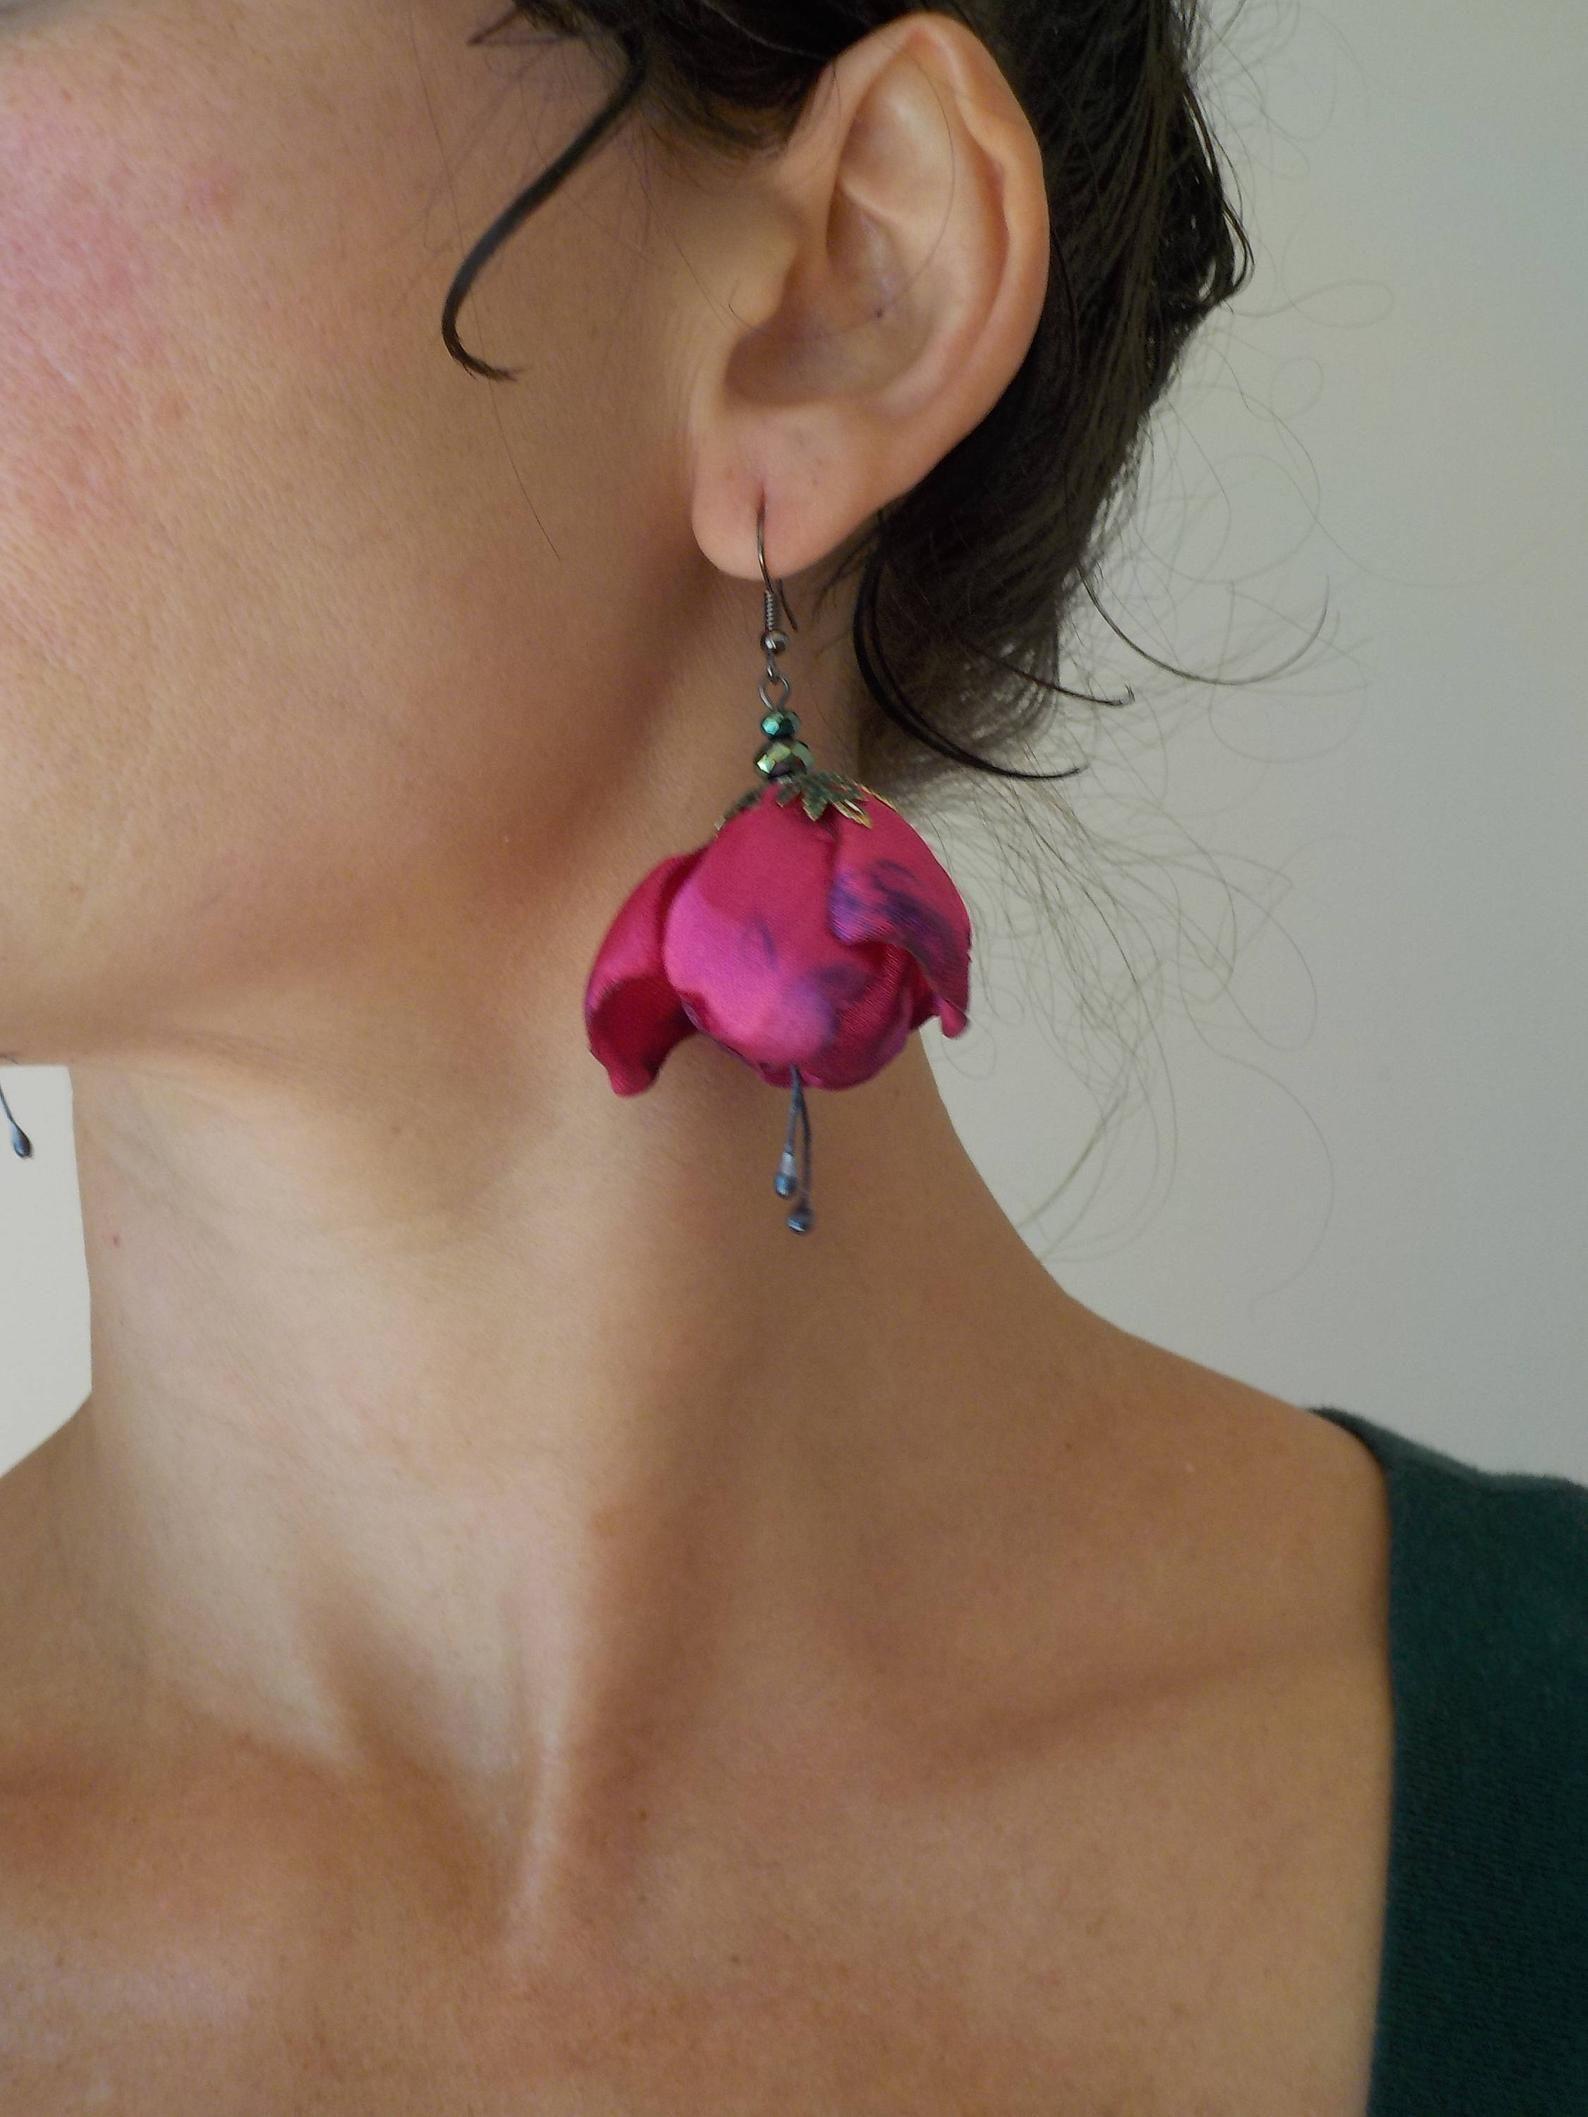 Hot Pink Fabric Flower Earrings Fuchsia Flower Tango Flamenco Bellydance Fairy Earrings Hand Made Unique Flower Earrings Fabric Earrings Fabric Jewelry Flower Earrings